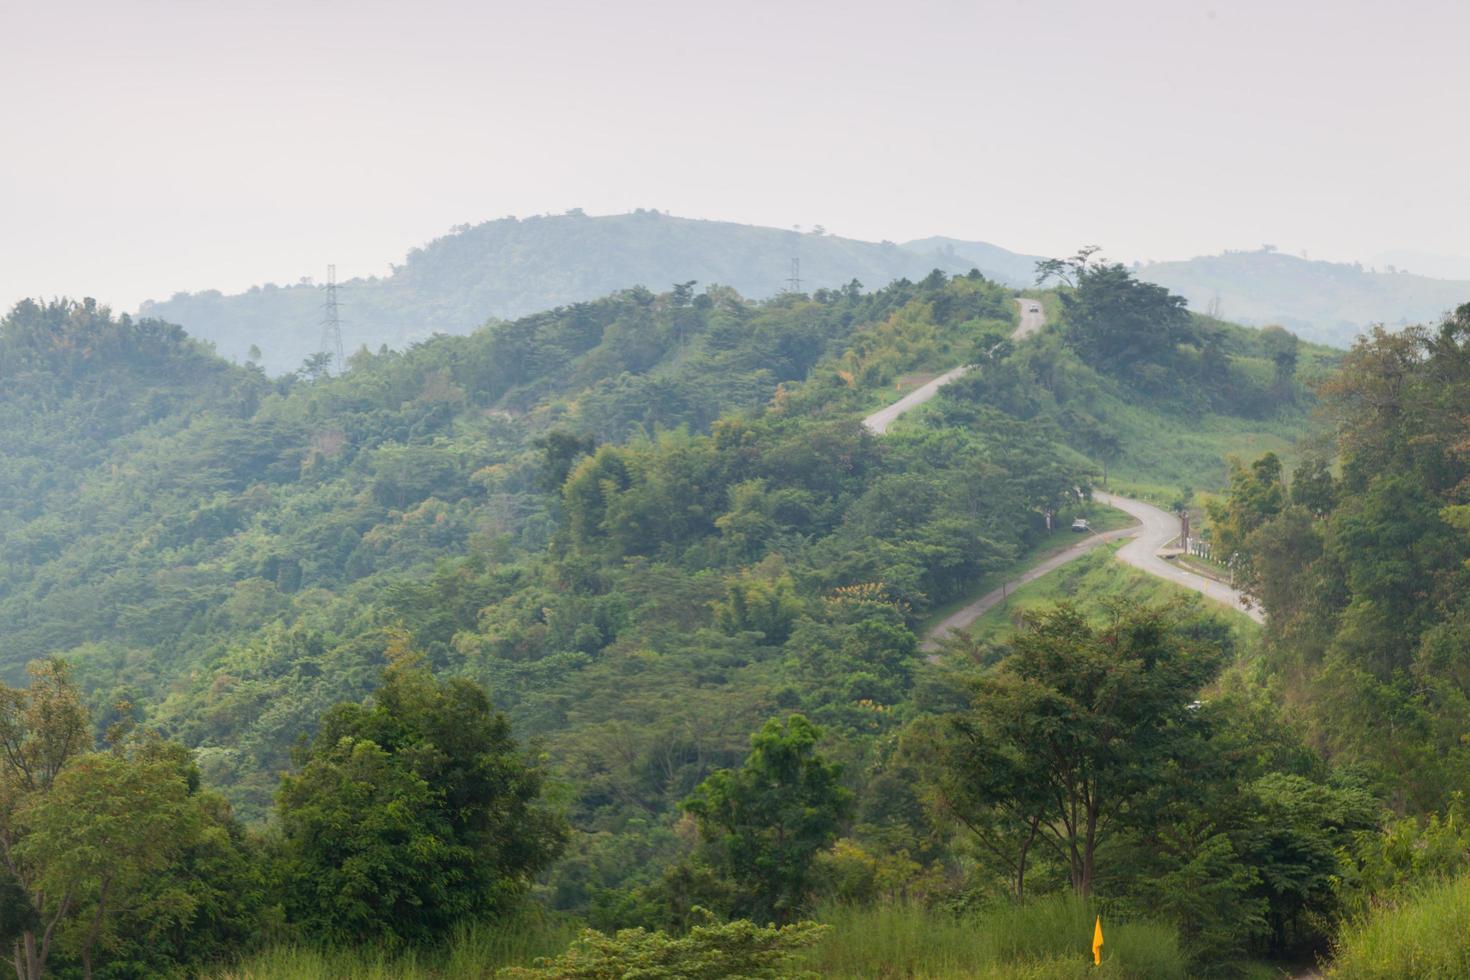 kurvige Straßen auf einem Berg in Thailand foto